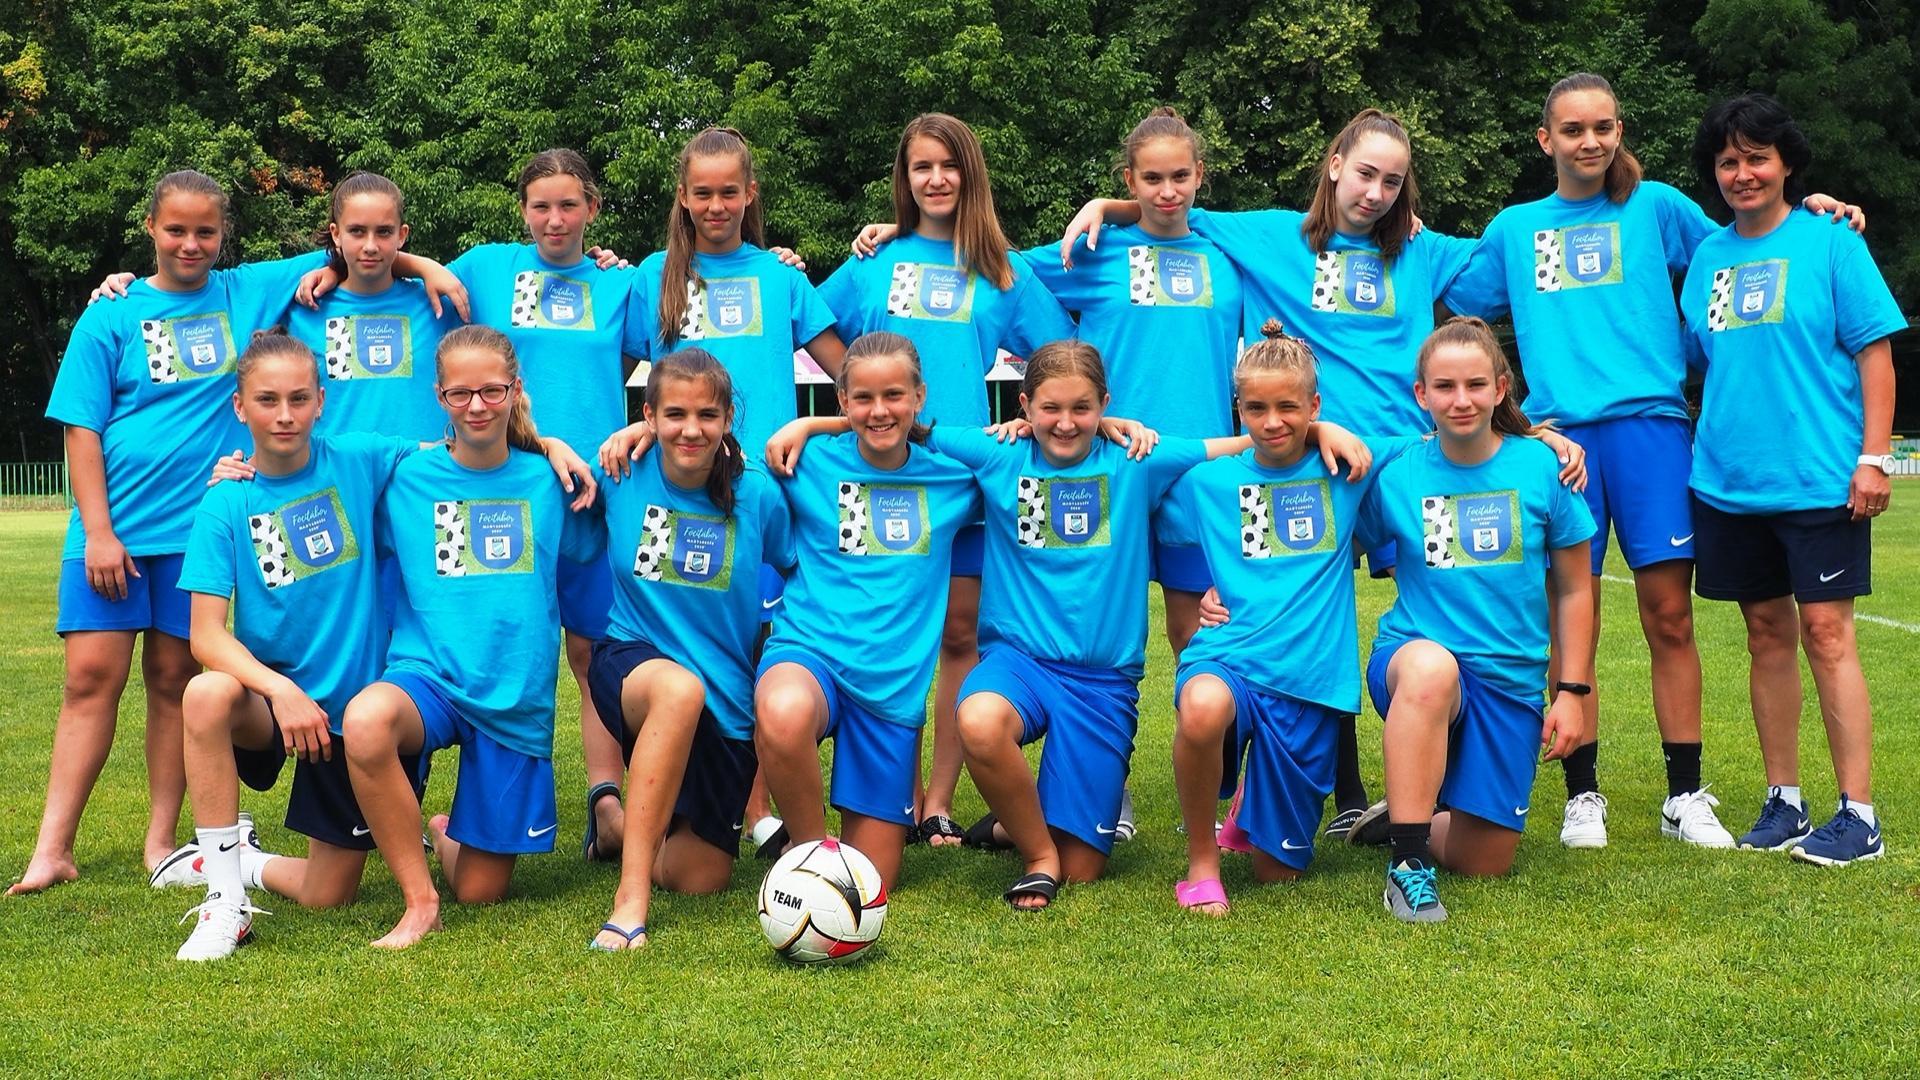 Edzőtáborban járt U14-es csapatunk (képgaléria)